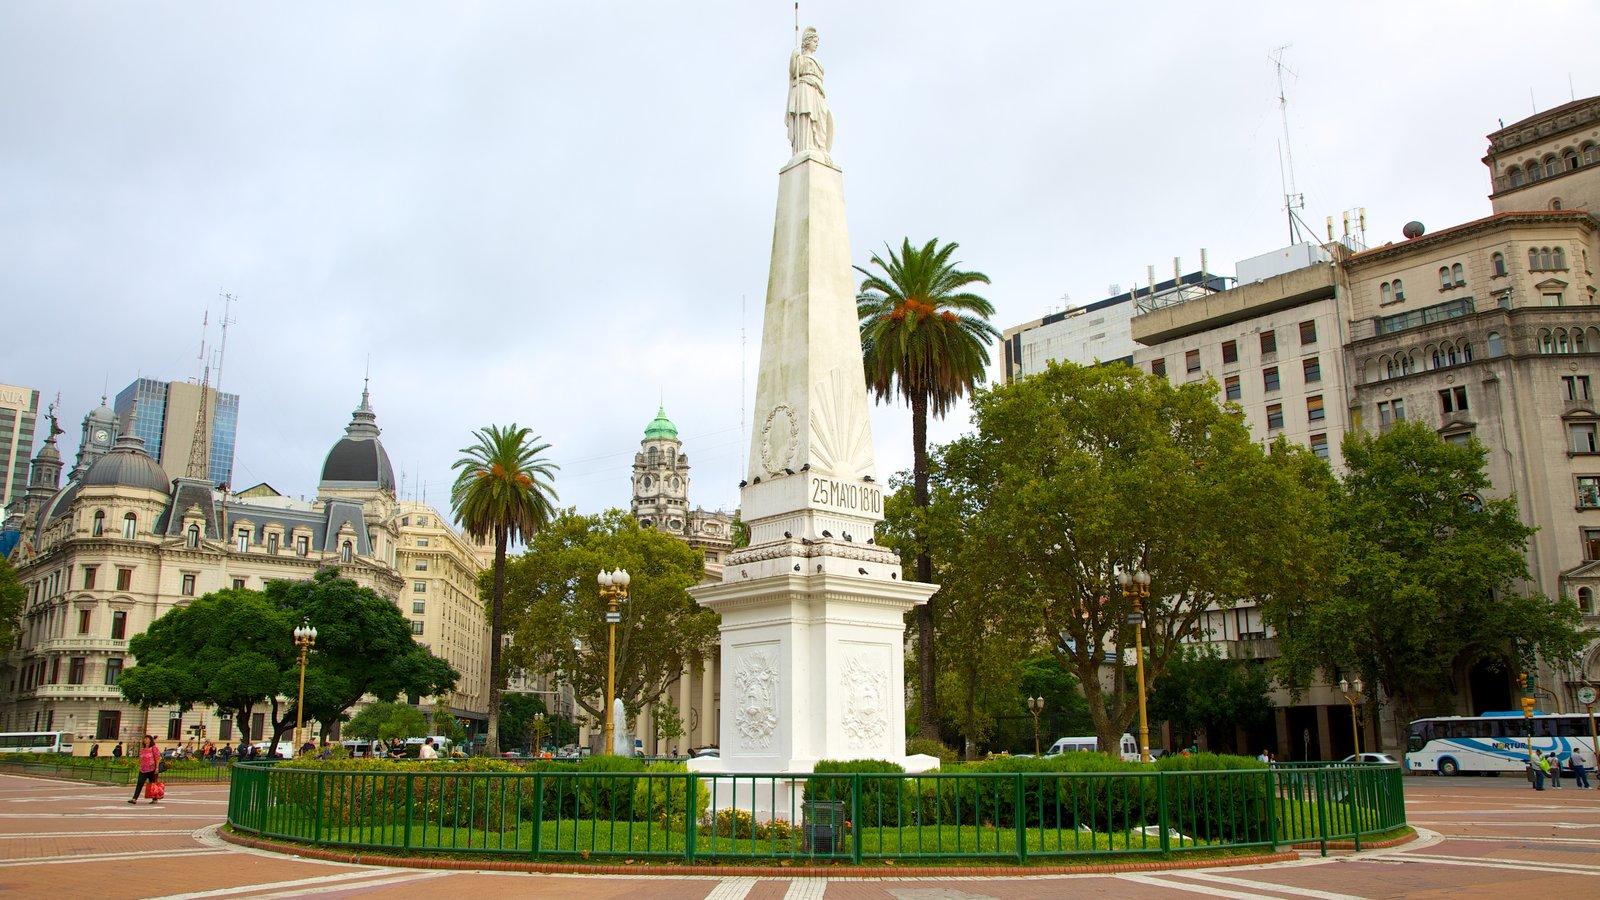 Plaza de Mayo que inclui um monumento, uma cidade e uma praça ou plaza